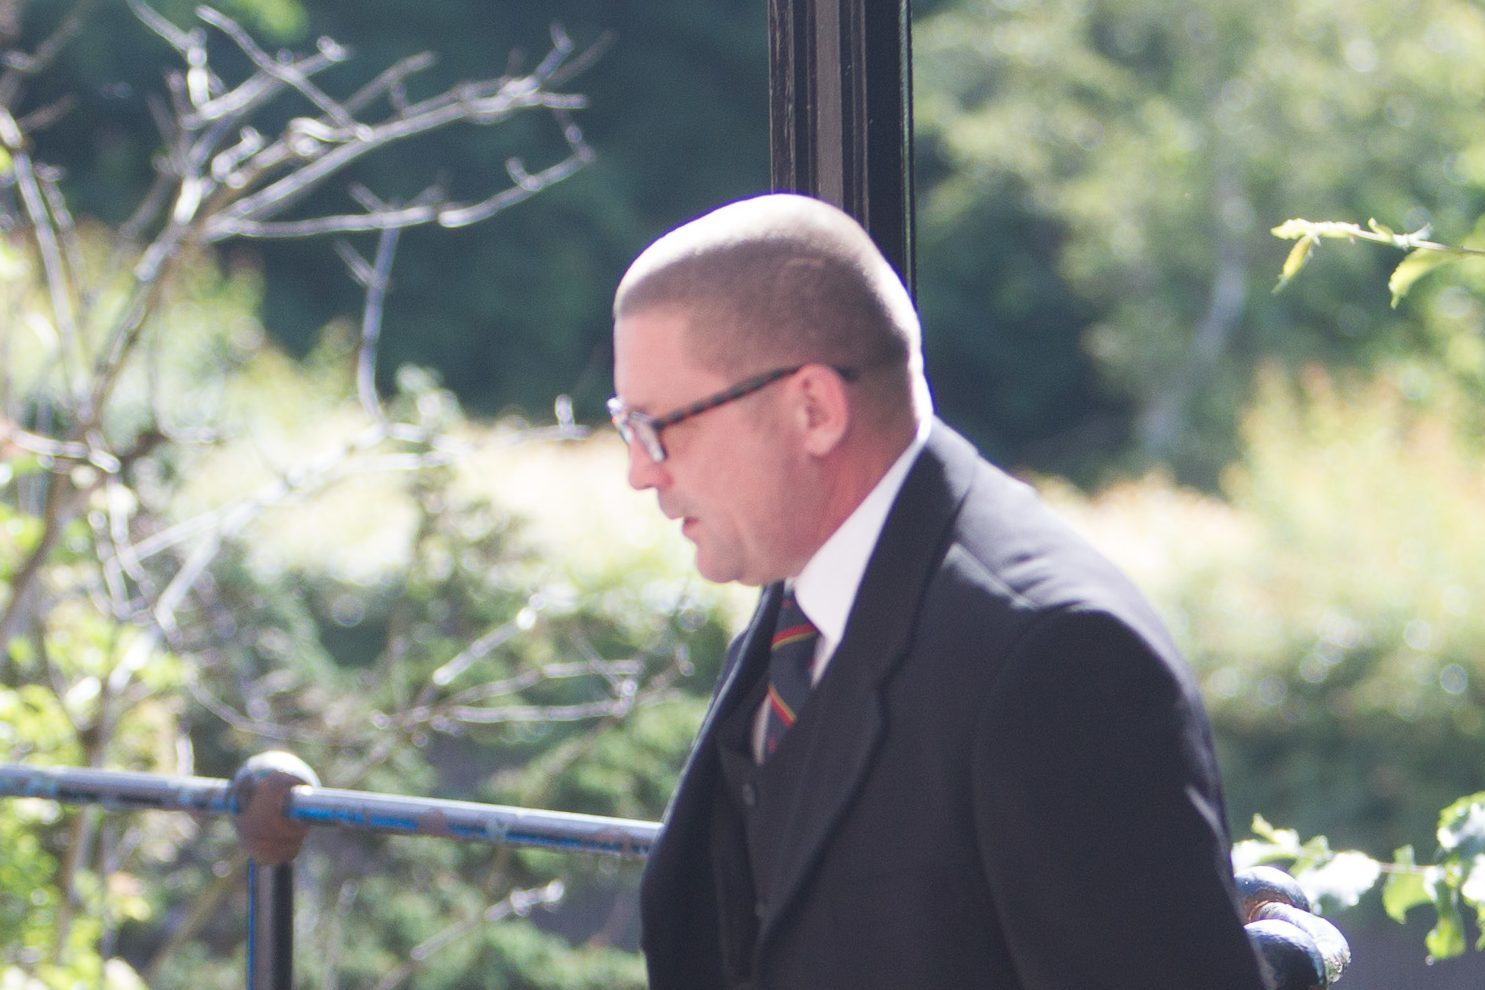 John Sharp arrives at court.